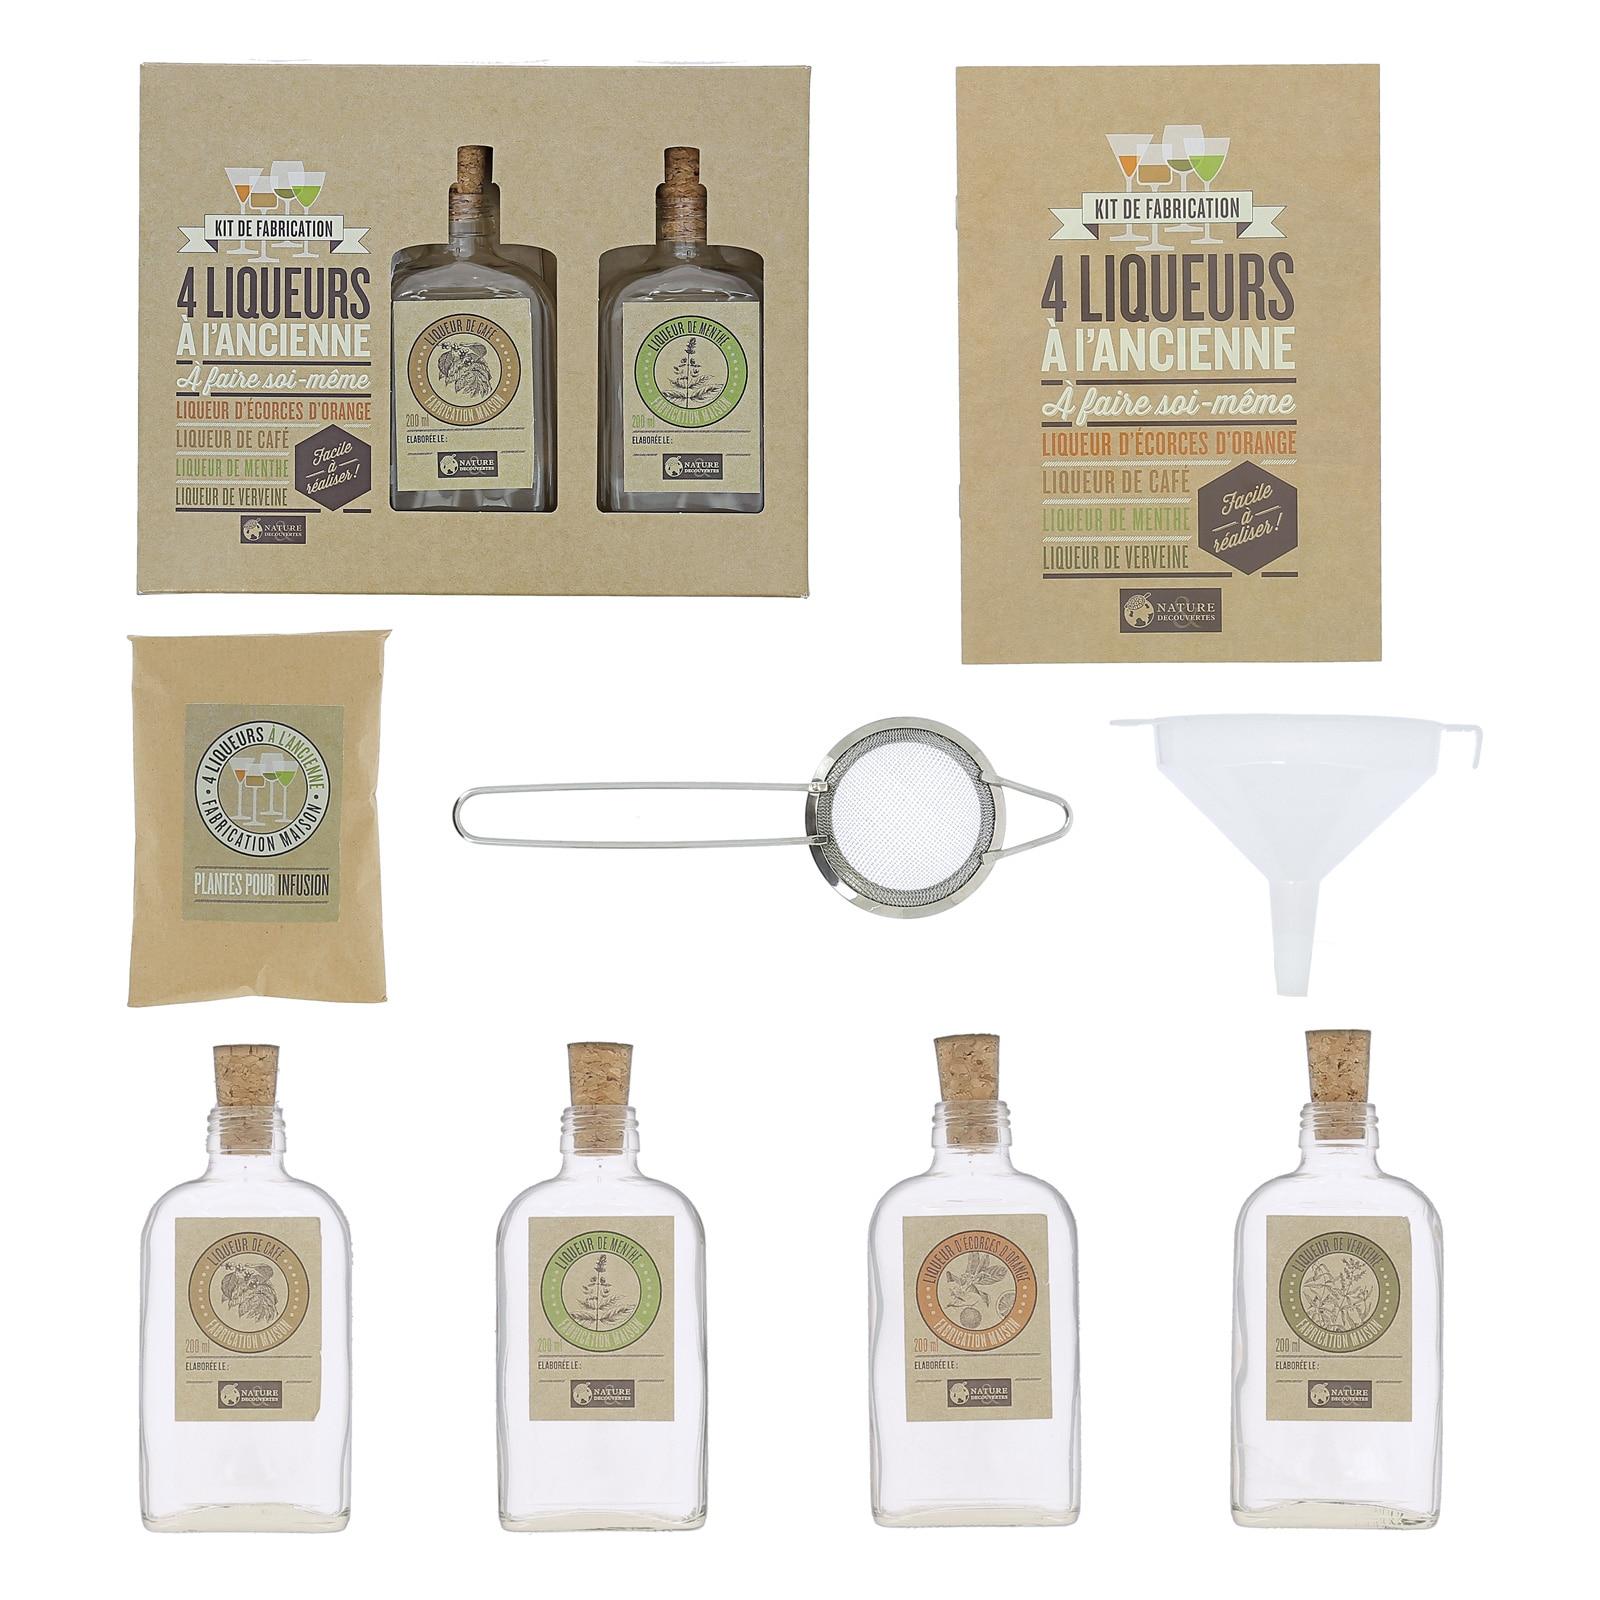 Fabrication de 4 liqueurs à l'ancienne